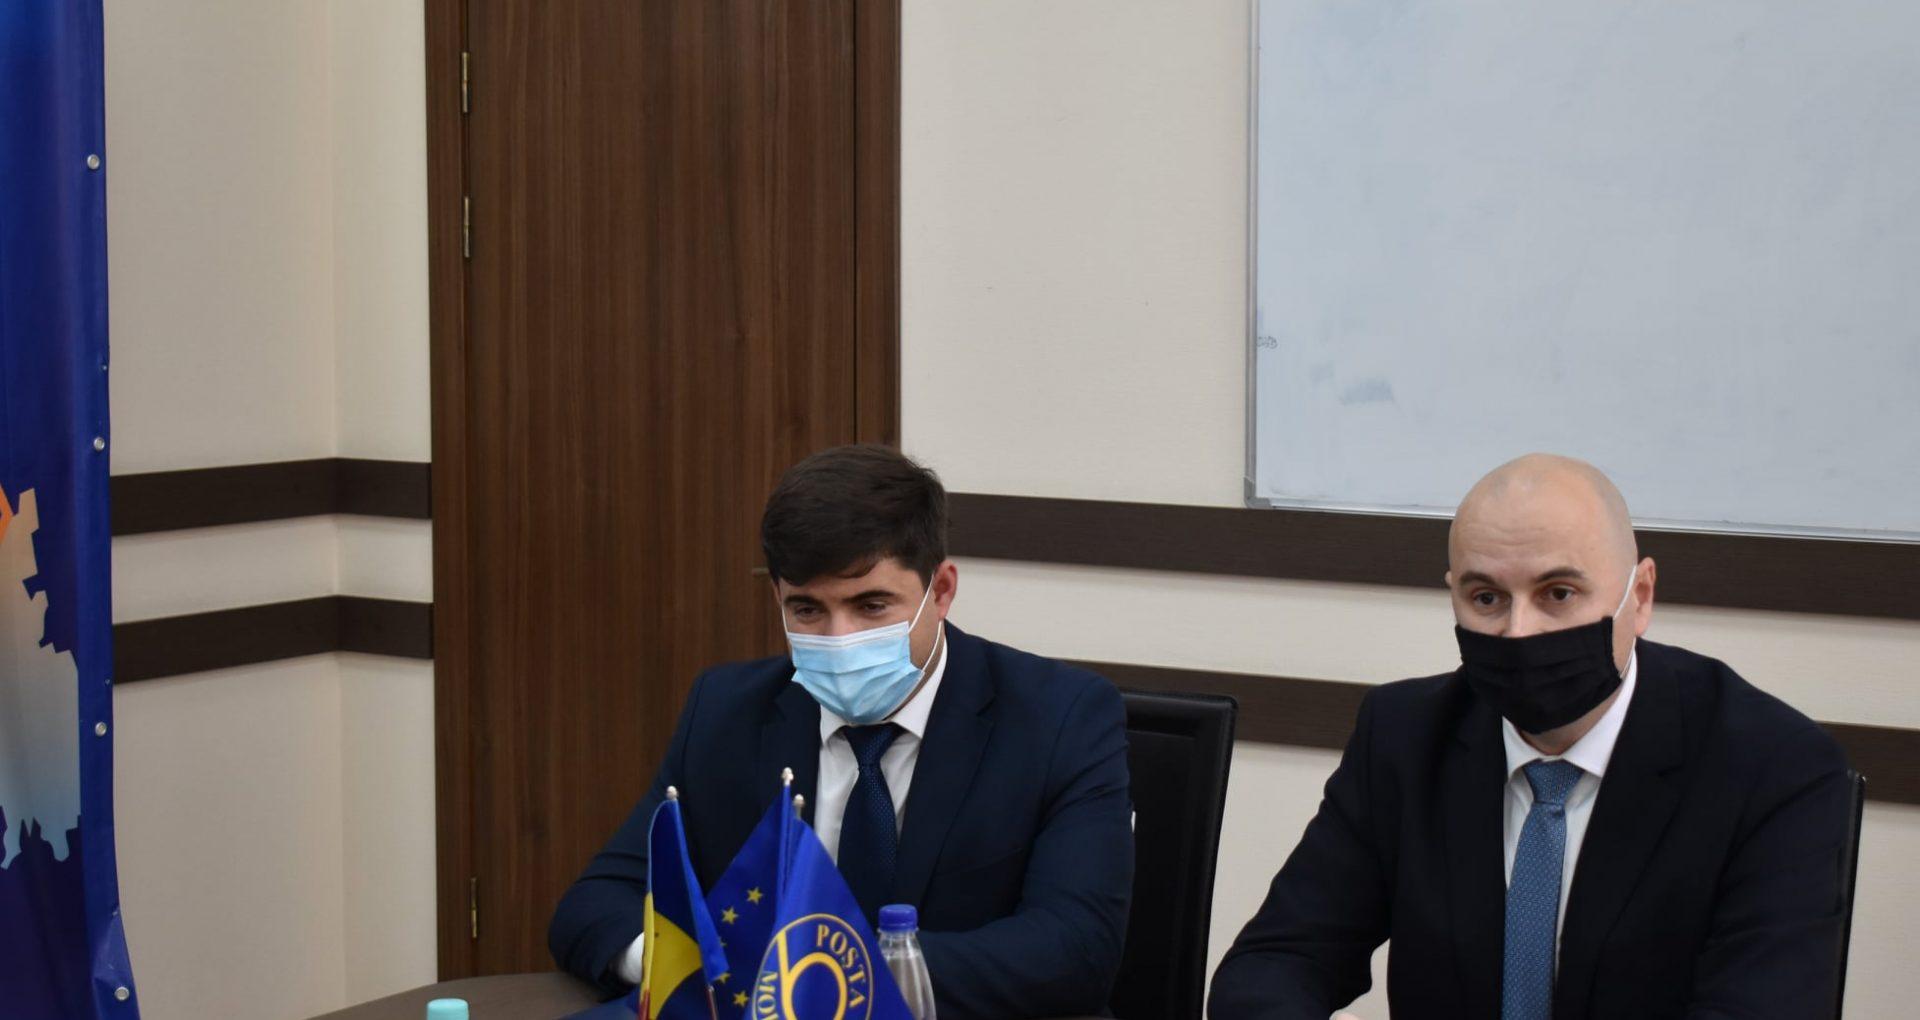 """Roman Cojuhari este noul administrator interimar al Î.S. """"Poșta Moldovei"""": """"Sunt multe lucruri de făcut și sunt deschis spre colaborare pentru a dezvolta această instituție"""""""